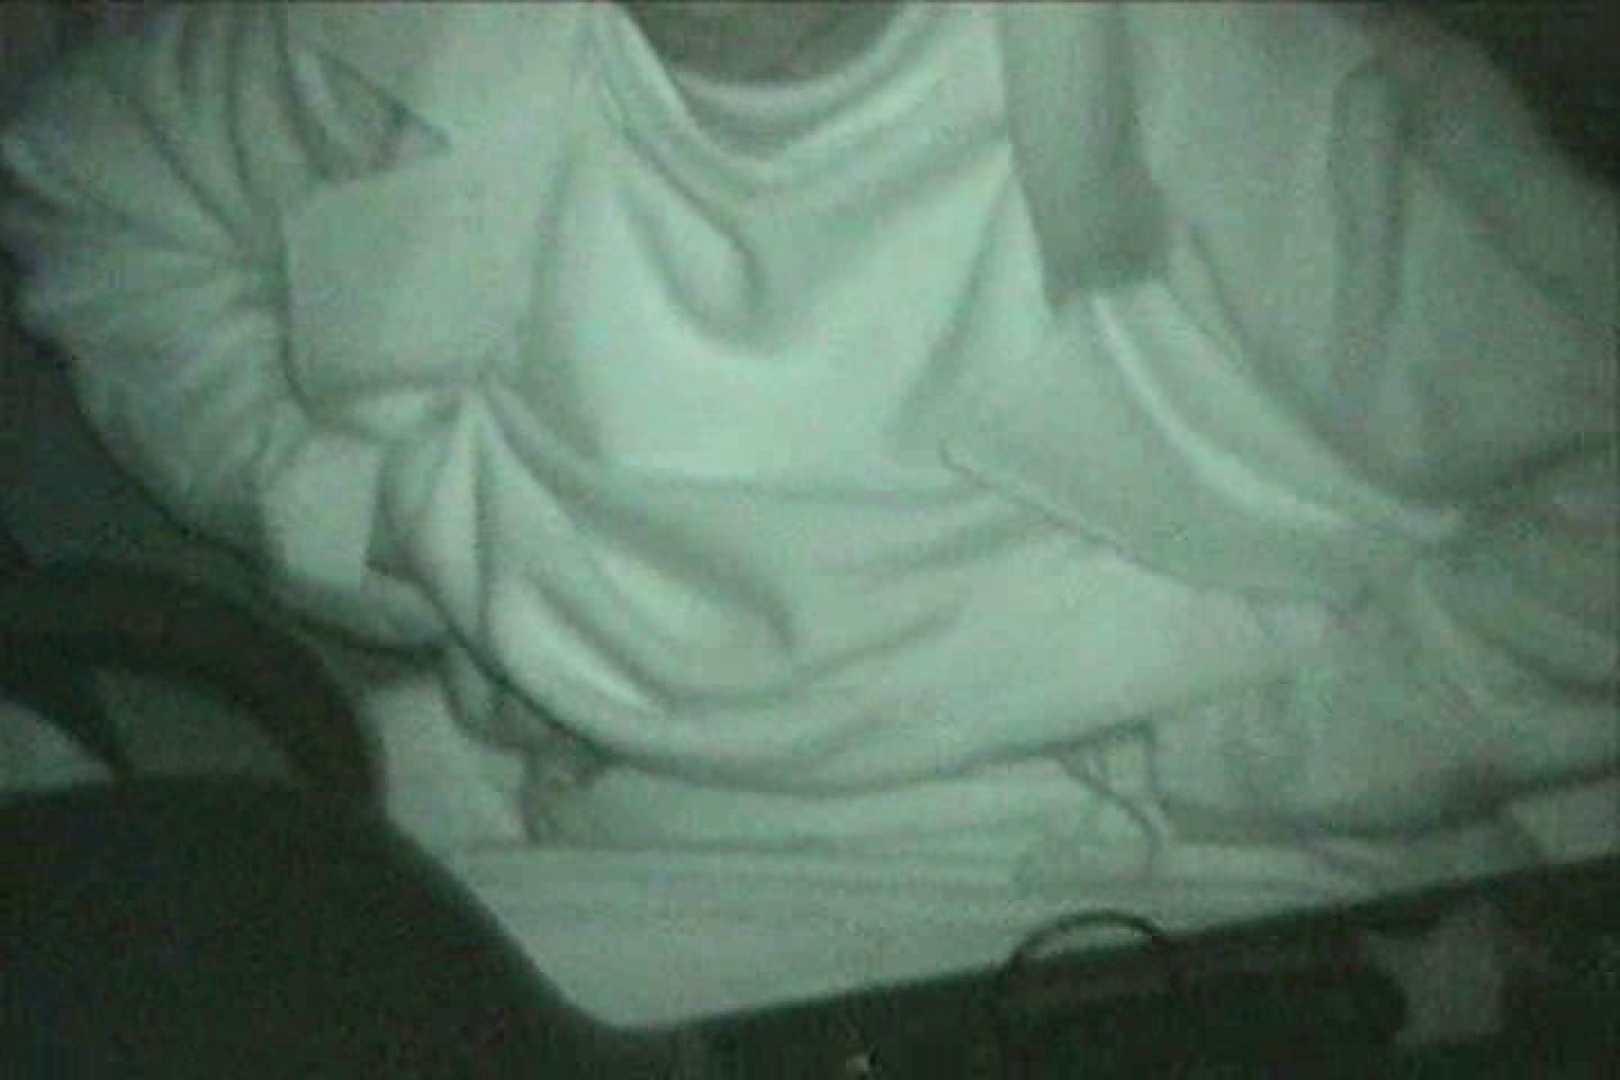 車の中はラブホテル 無修正版  Vol.27 盗撮 すけべAV動画紹介 91画像 74